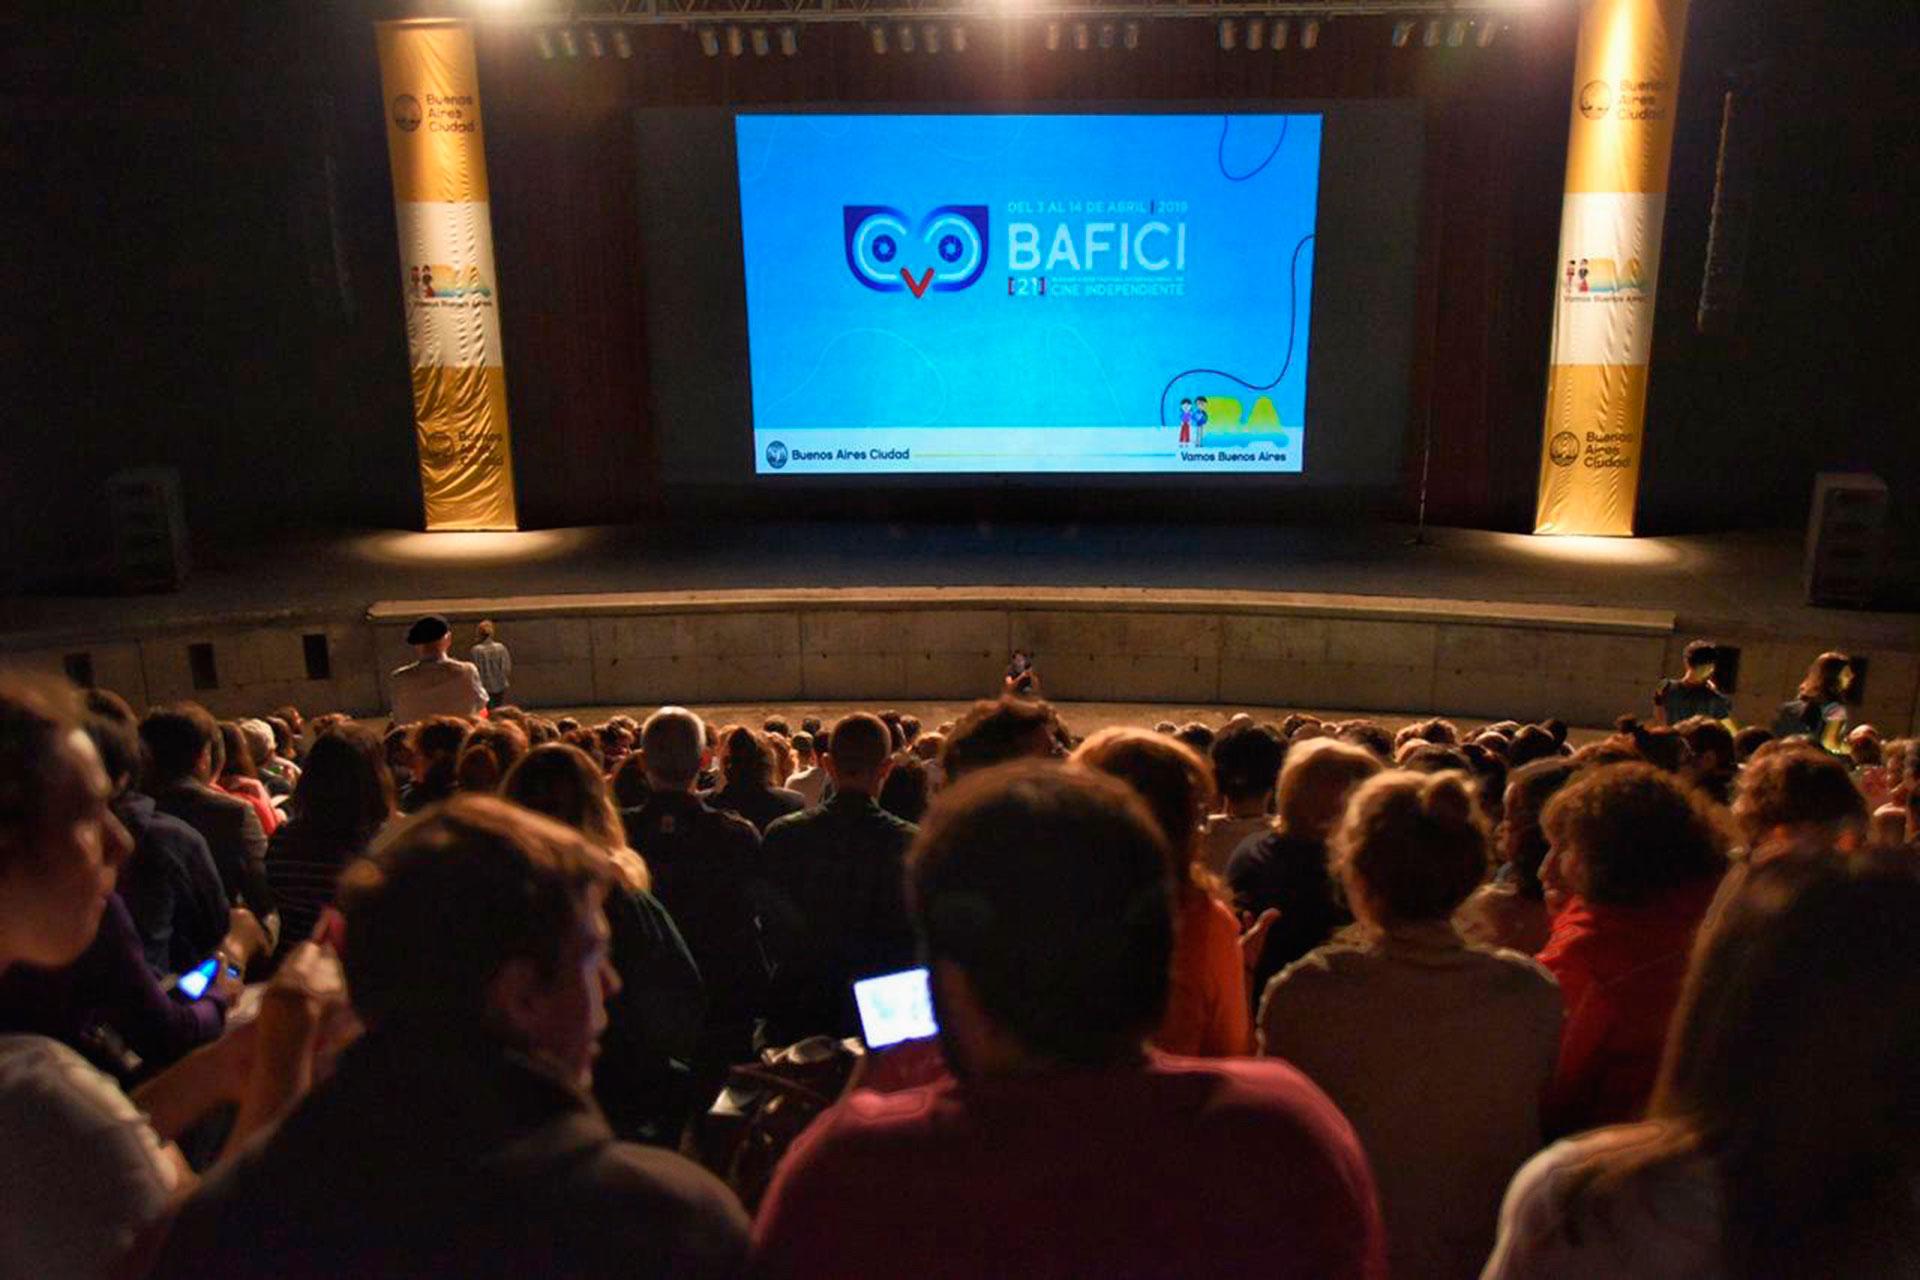 La nueva edición presentará, durante 12 días, el cine innovador y de vanguardia, reuniendo a directores consagrados y a jóvenes talentos argentino y del resto del mundo.